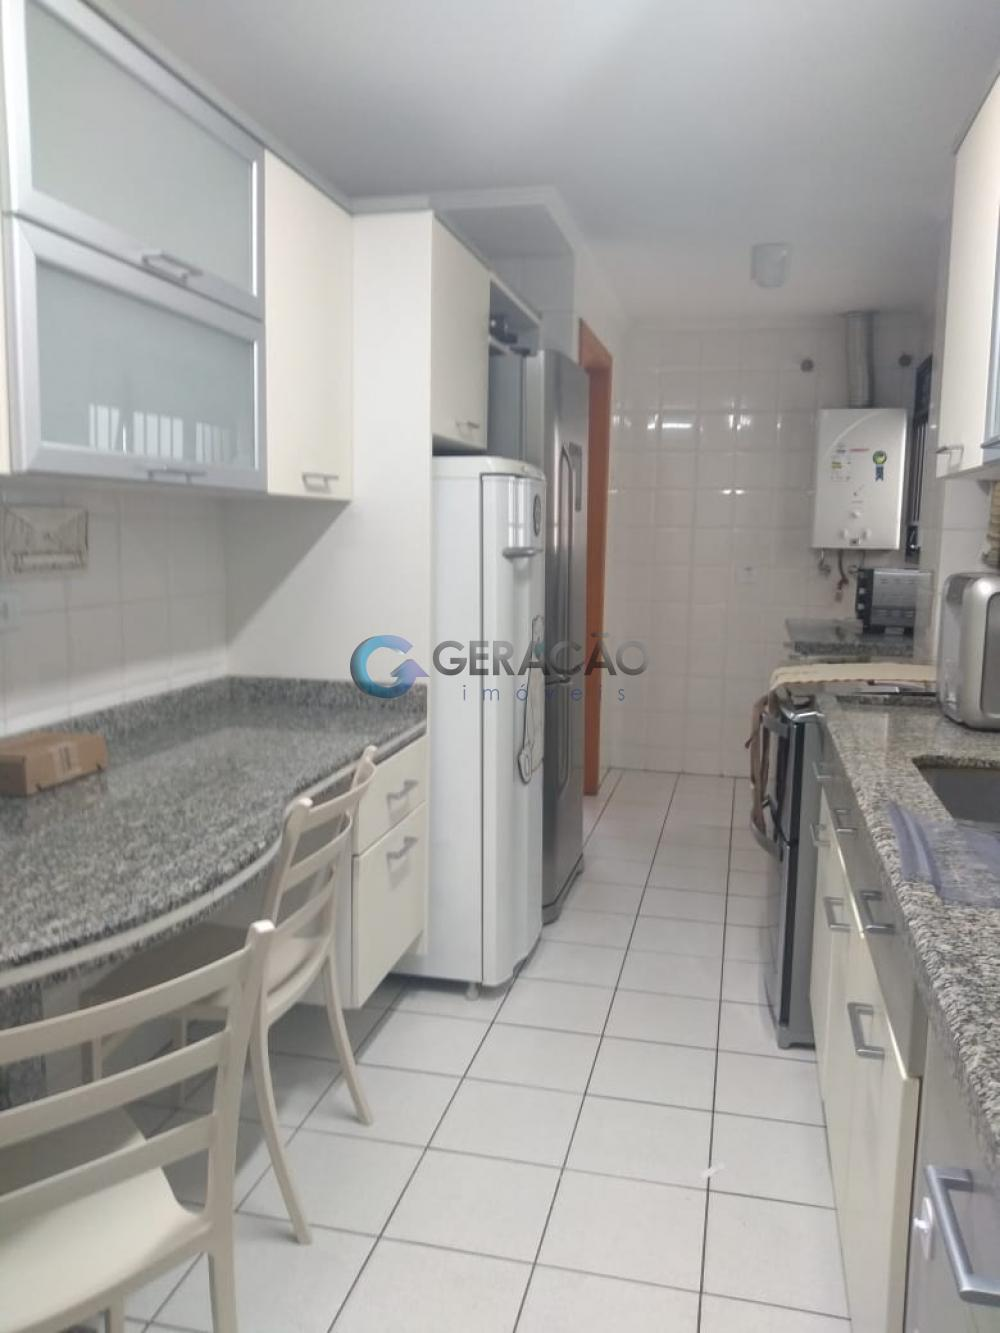 Comprar Apartamento / Padrão em São José dos Campos apenas R$ 1.300.000,00 - Foto 20